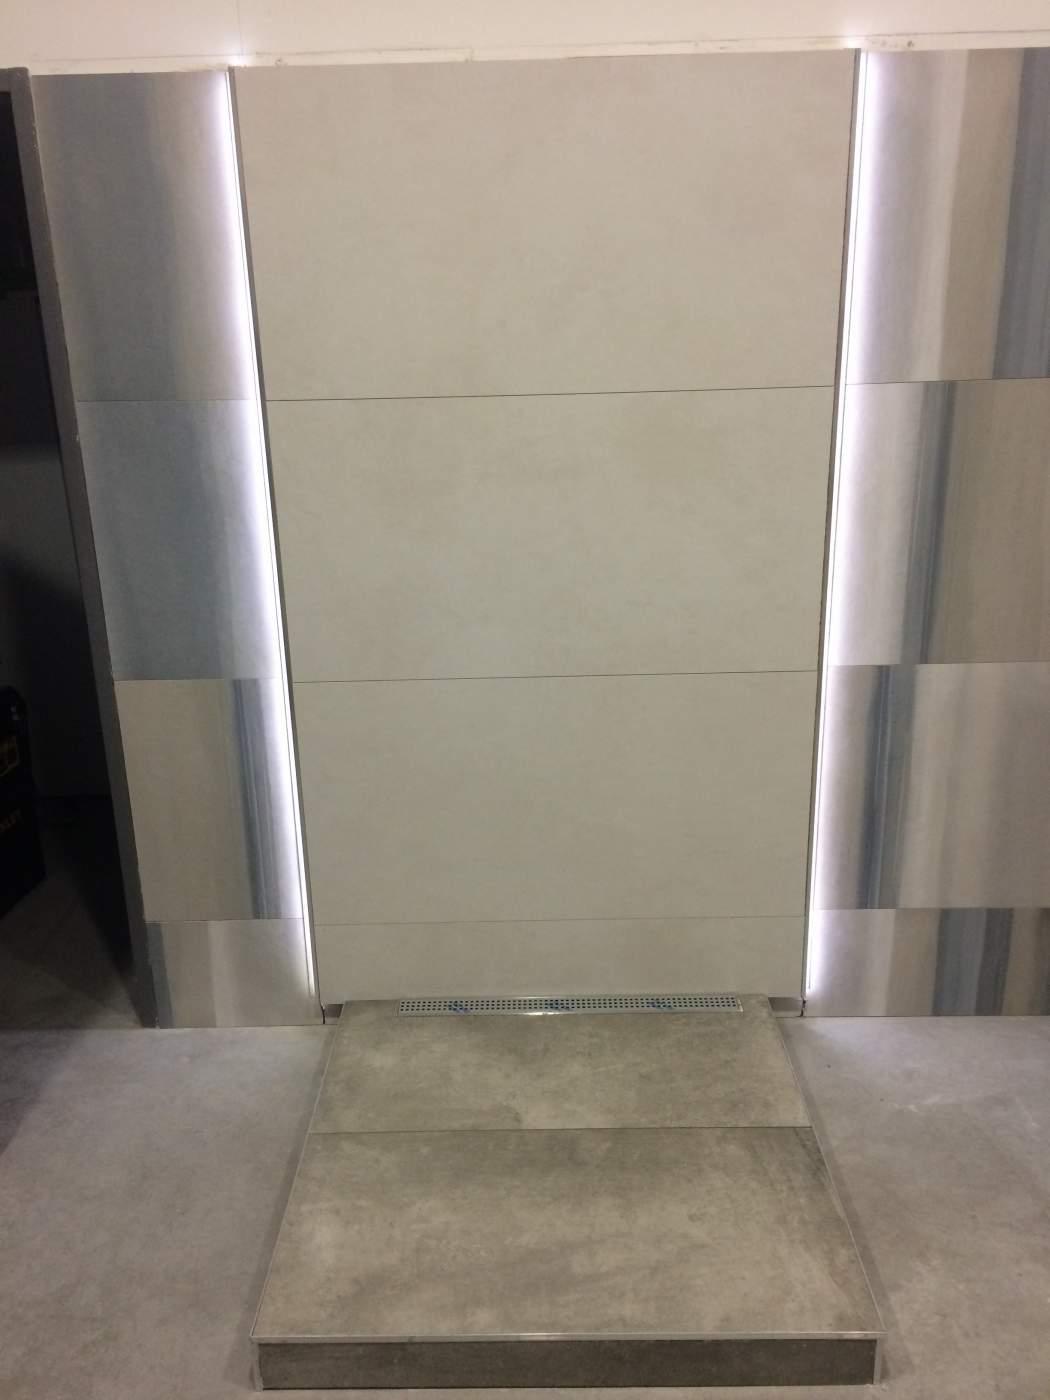 led pour douche free douche pluie filet for led effet With carrelage adhesif salle de bain avec ampoule led rgb